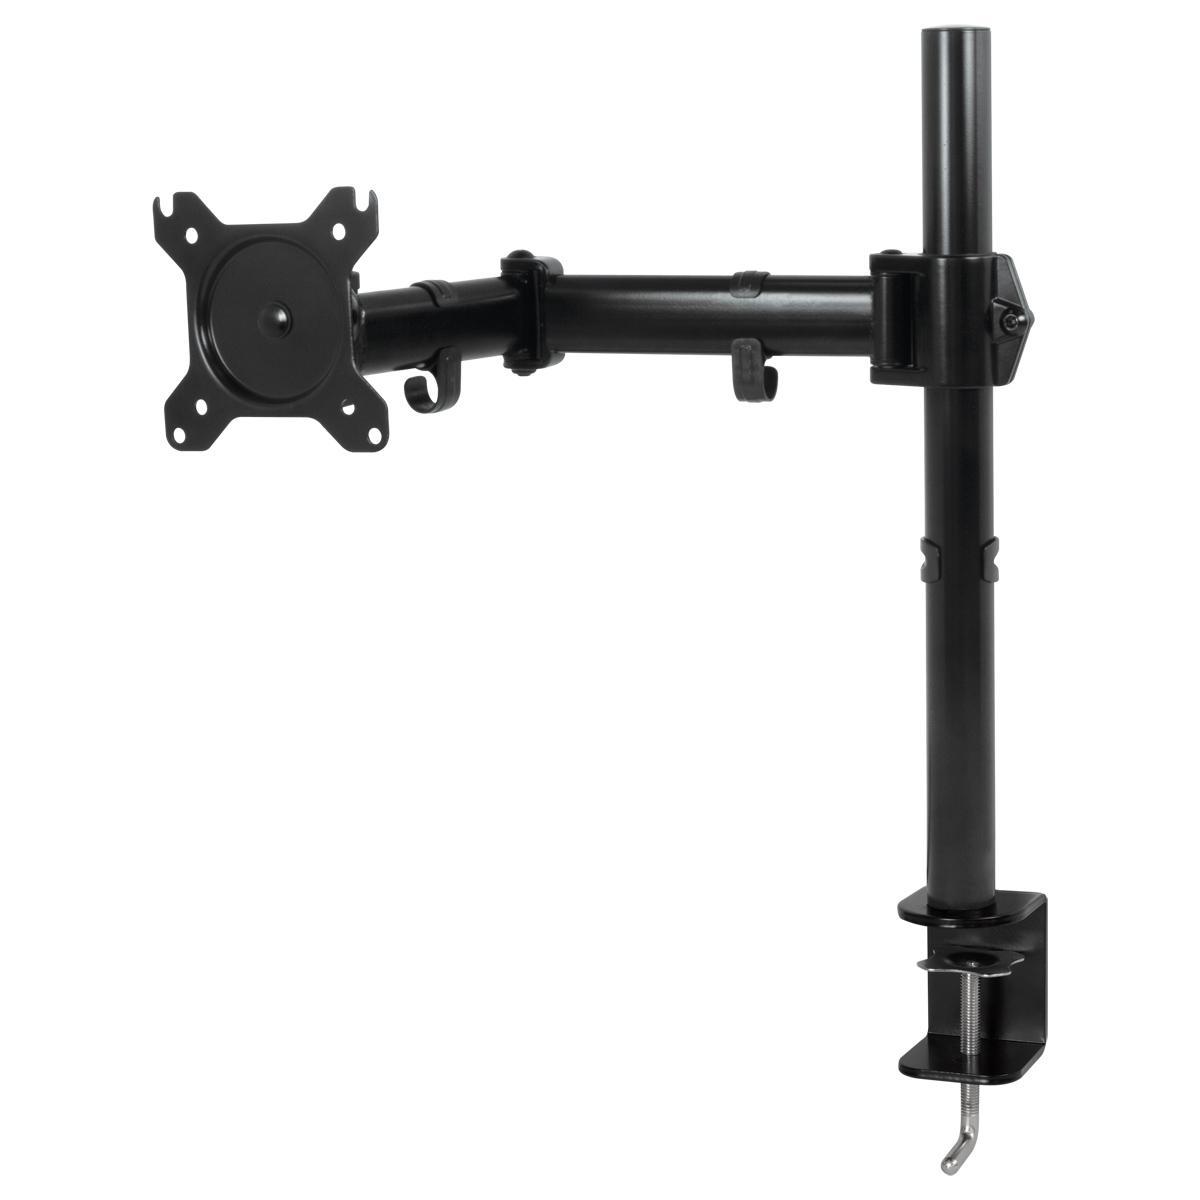 Стойка за монитор за бюро ARCTIC Z1 Basic, Регулируема, 13-43, 15 кг, Черен